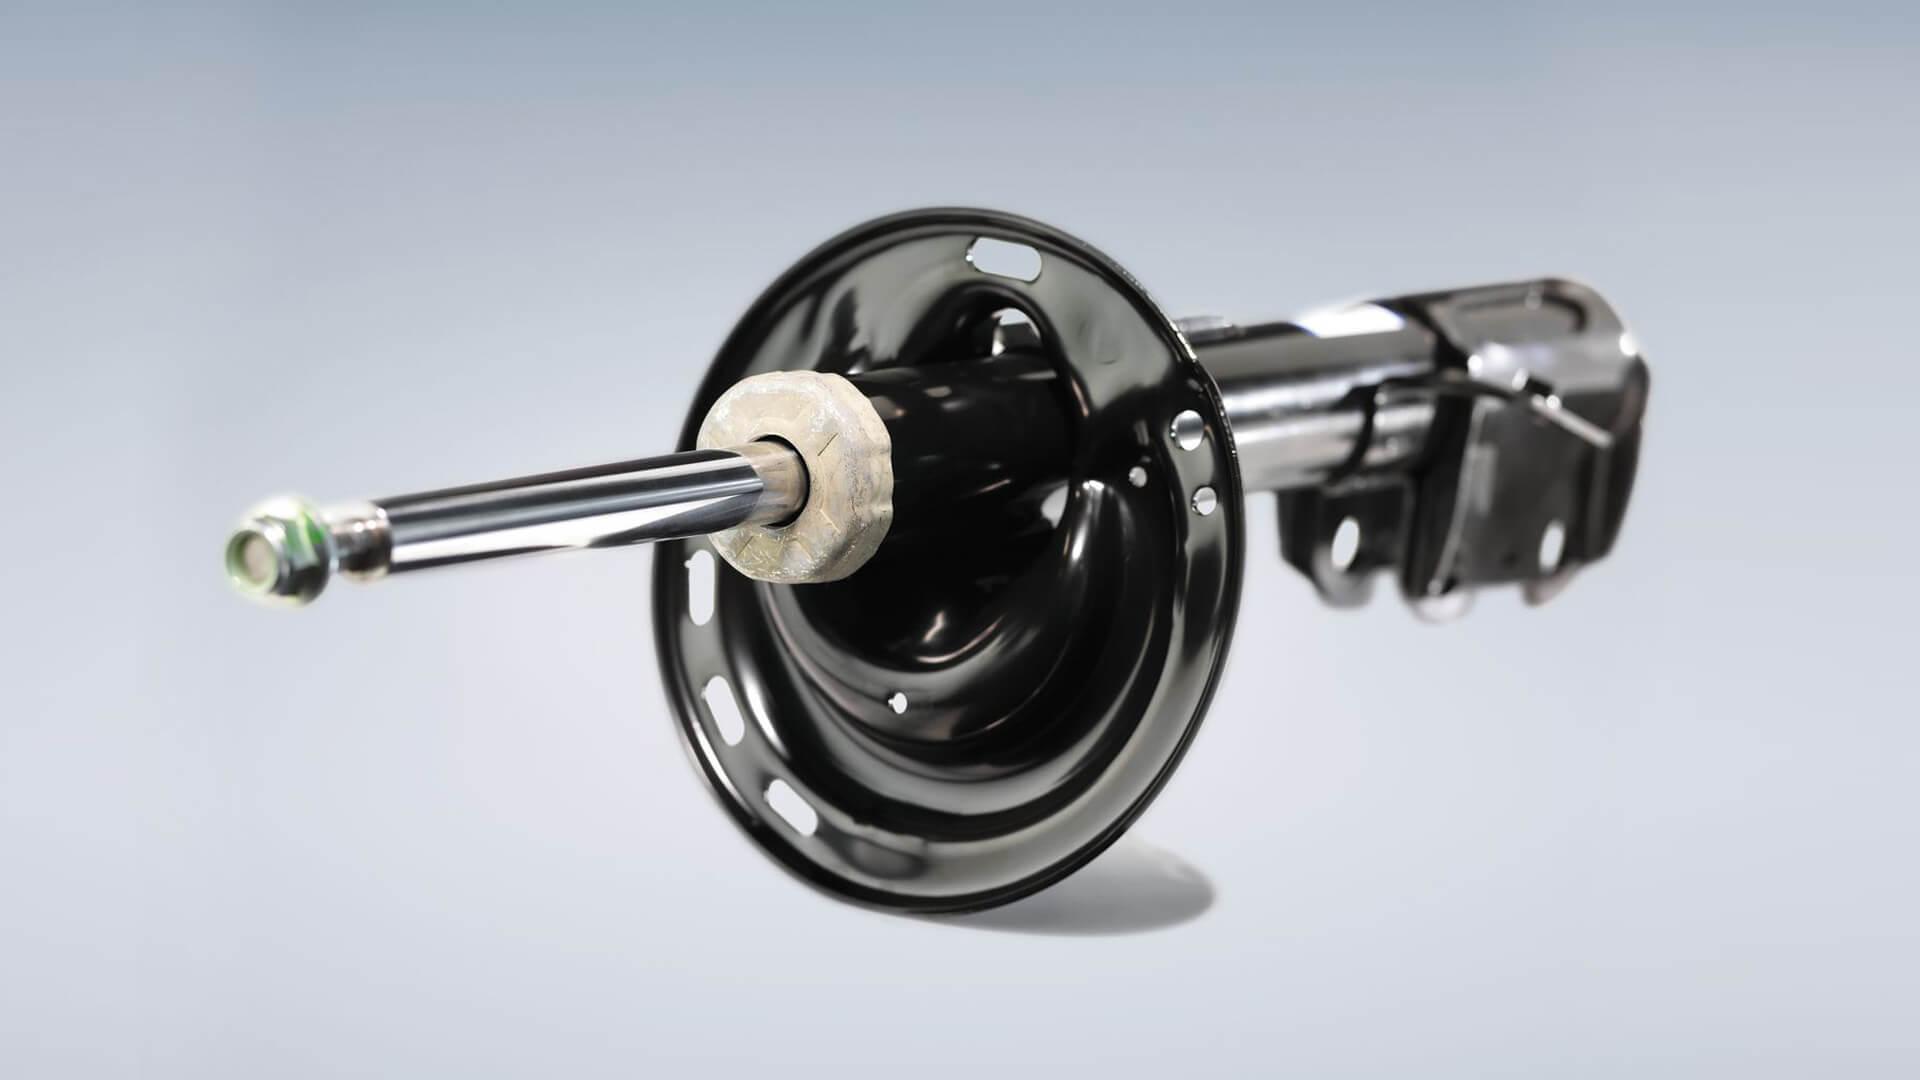 2018 lexus ownership parts gallery06 shock absorbers